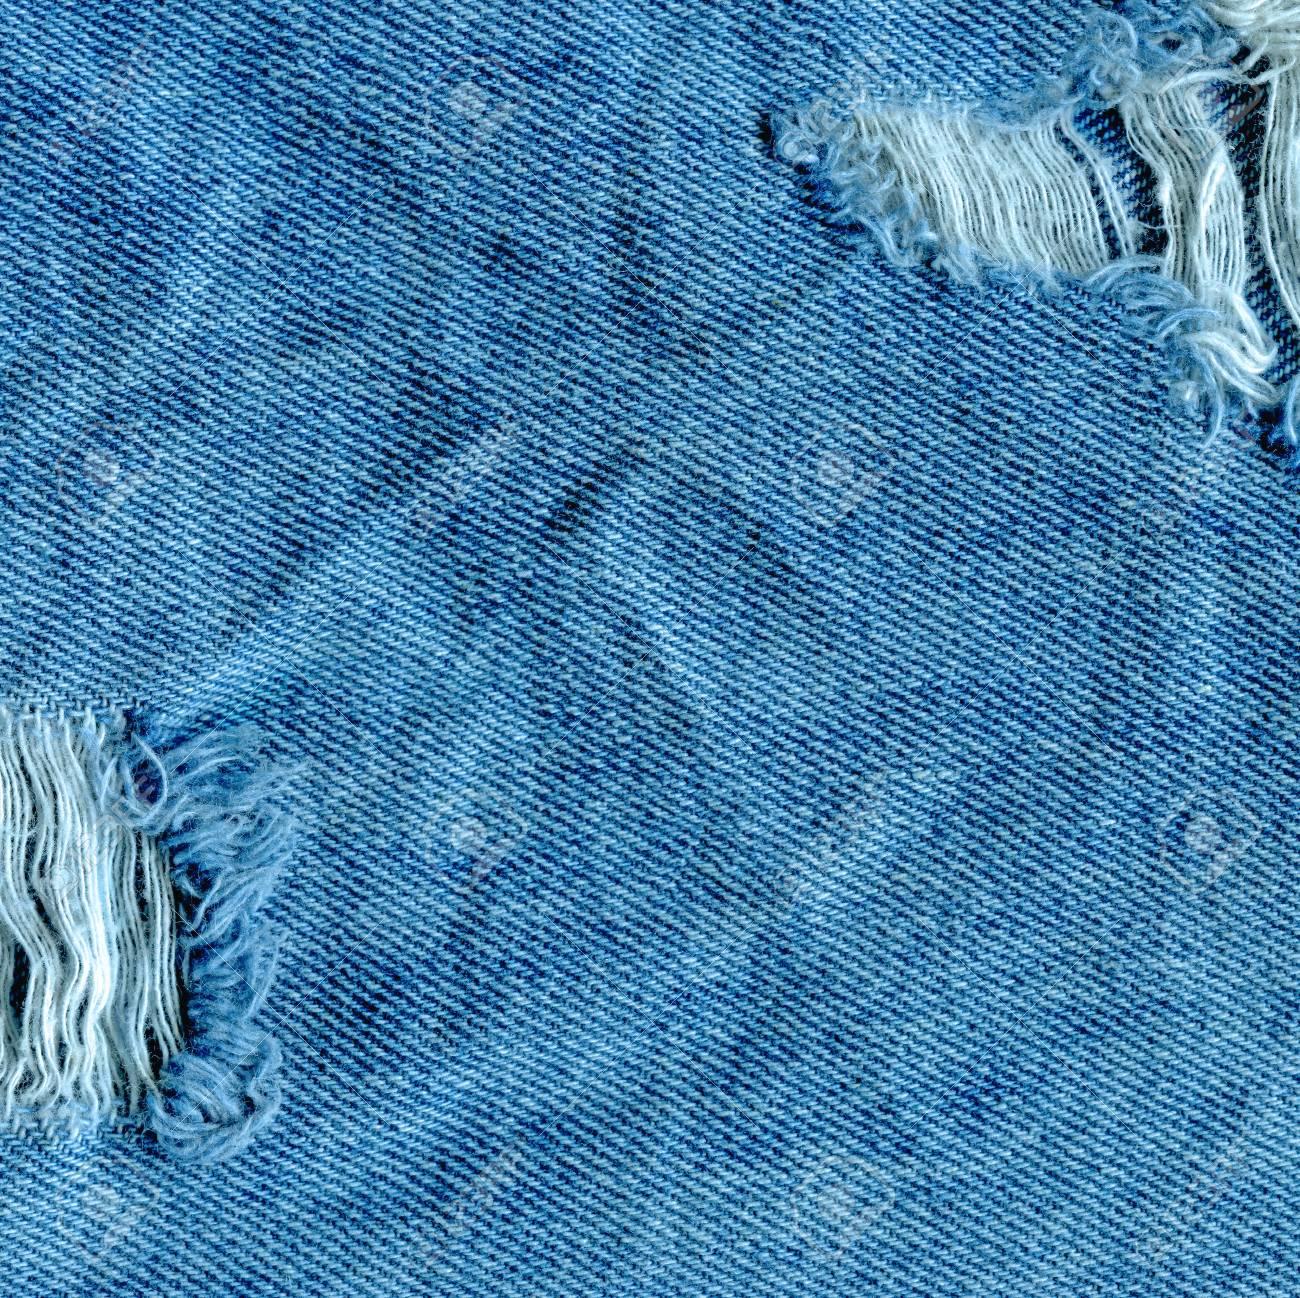 73899196f Textura vieja de la mezclilla de Japón del dril de algodón. Jeans  desgarrado textura de mezclilla. Jeans rasgados destruidos